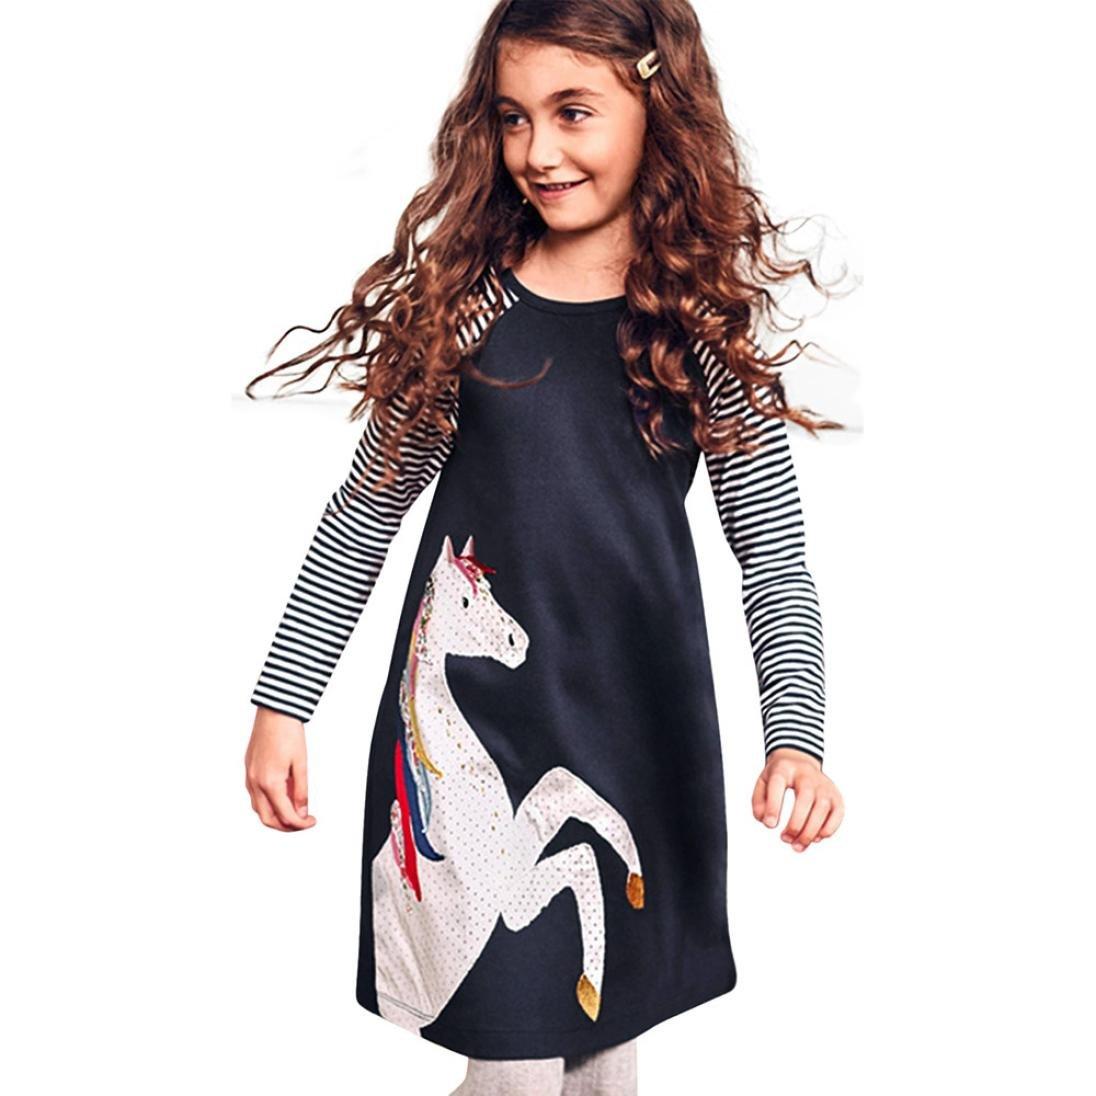 HUIHUI Kleid Mädchen, Toddler Mädchen Kleid Pferde Streifen Drucken Lange Ärmel Sommerkleid Party Prinzessin Dress Casual T-Shirt Kleid Frühlings Herbst Cocktailkleid HUIHUI Kleid Mädchen